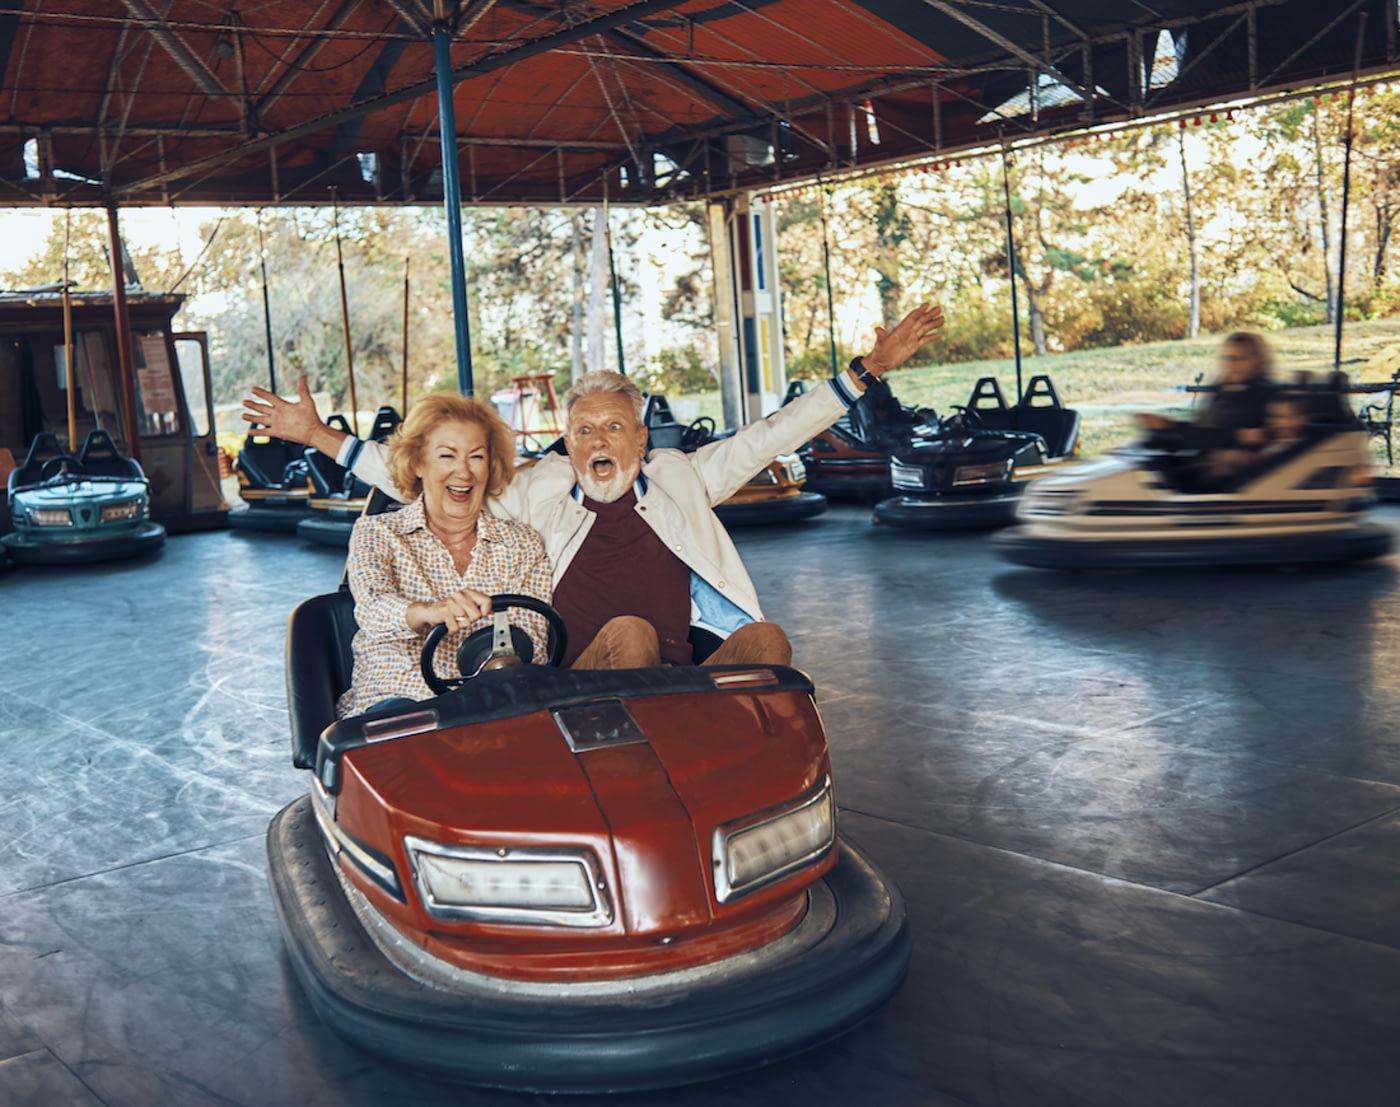 Älteres Pärchen fährt vergnügt Autoscooter; sie sitzt am Steuer, er reißt freudig die Arme in die Luft